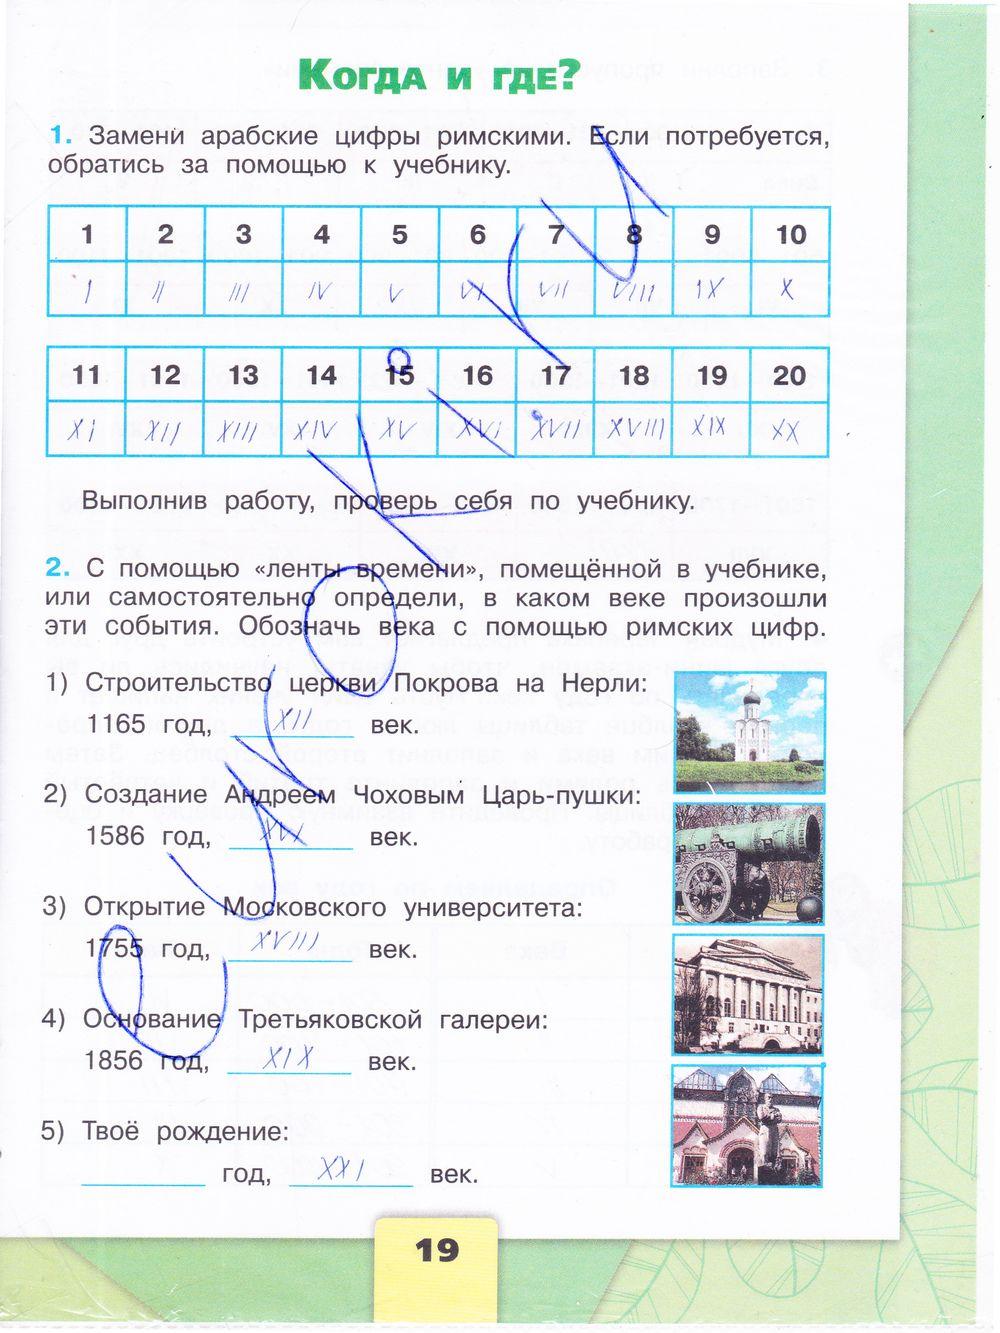 Котова лискова обществознание 7 класс ответы на вопросы